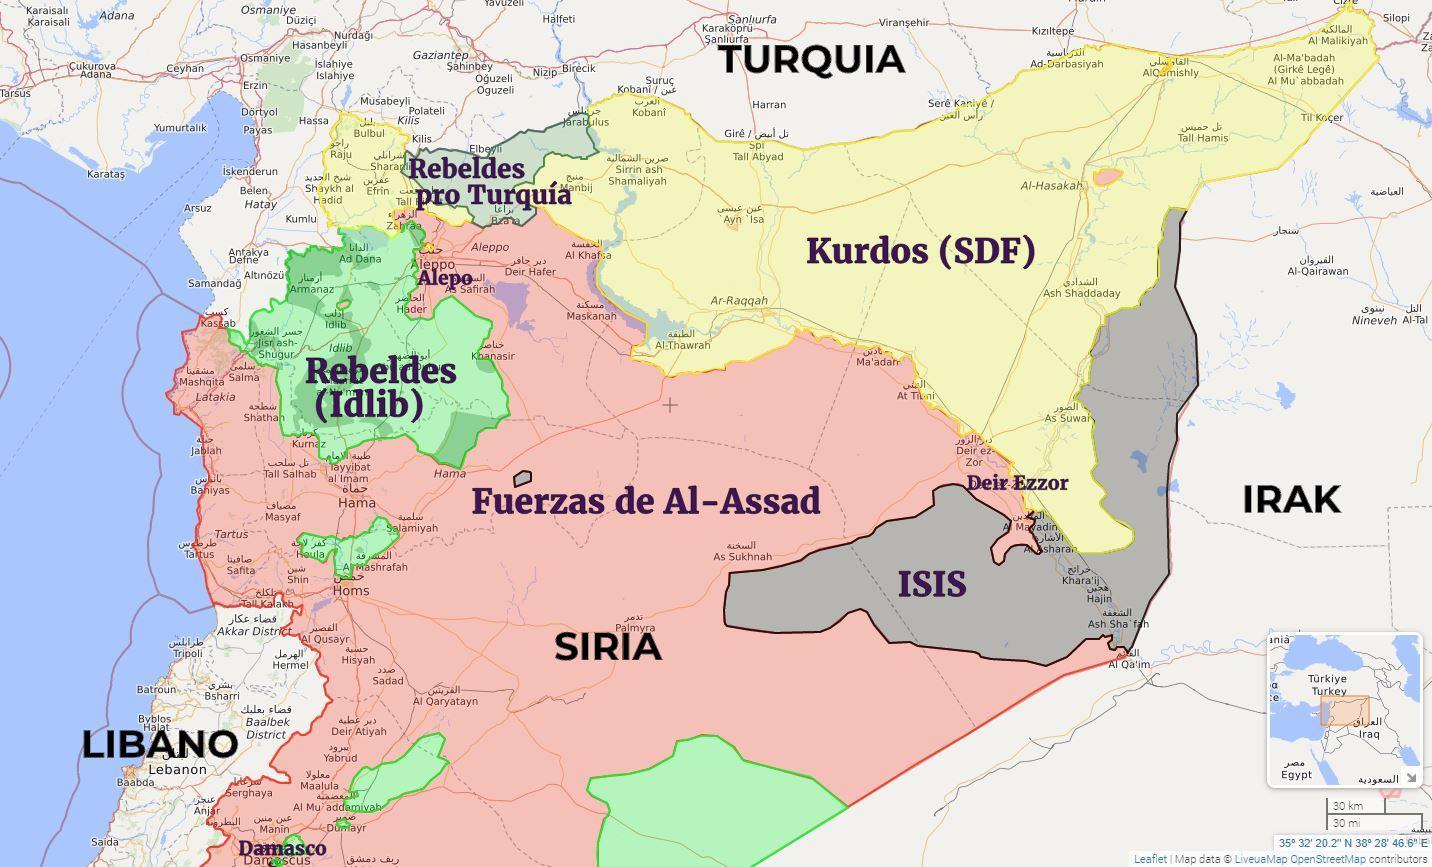 Configuración territorial cambiante: las fuerzas de Al-Assad avanzan sobre Deir Ezzor